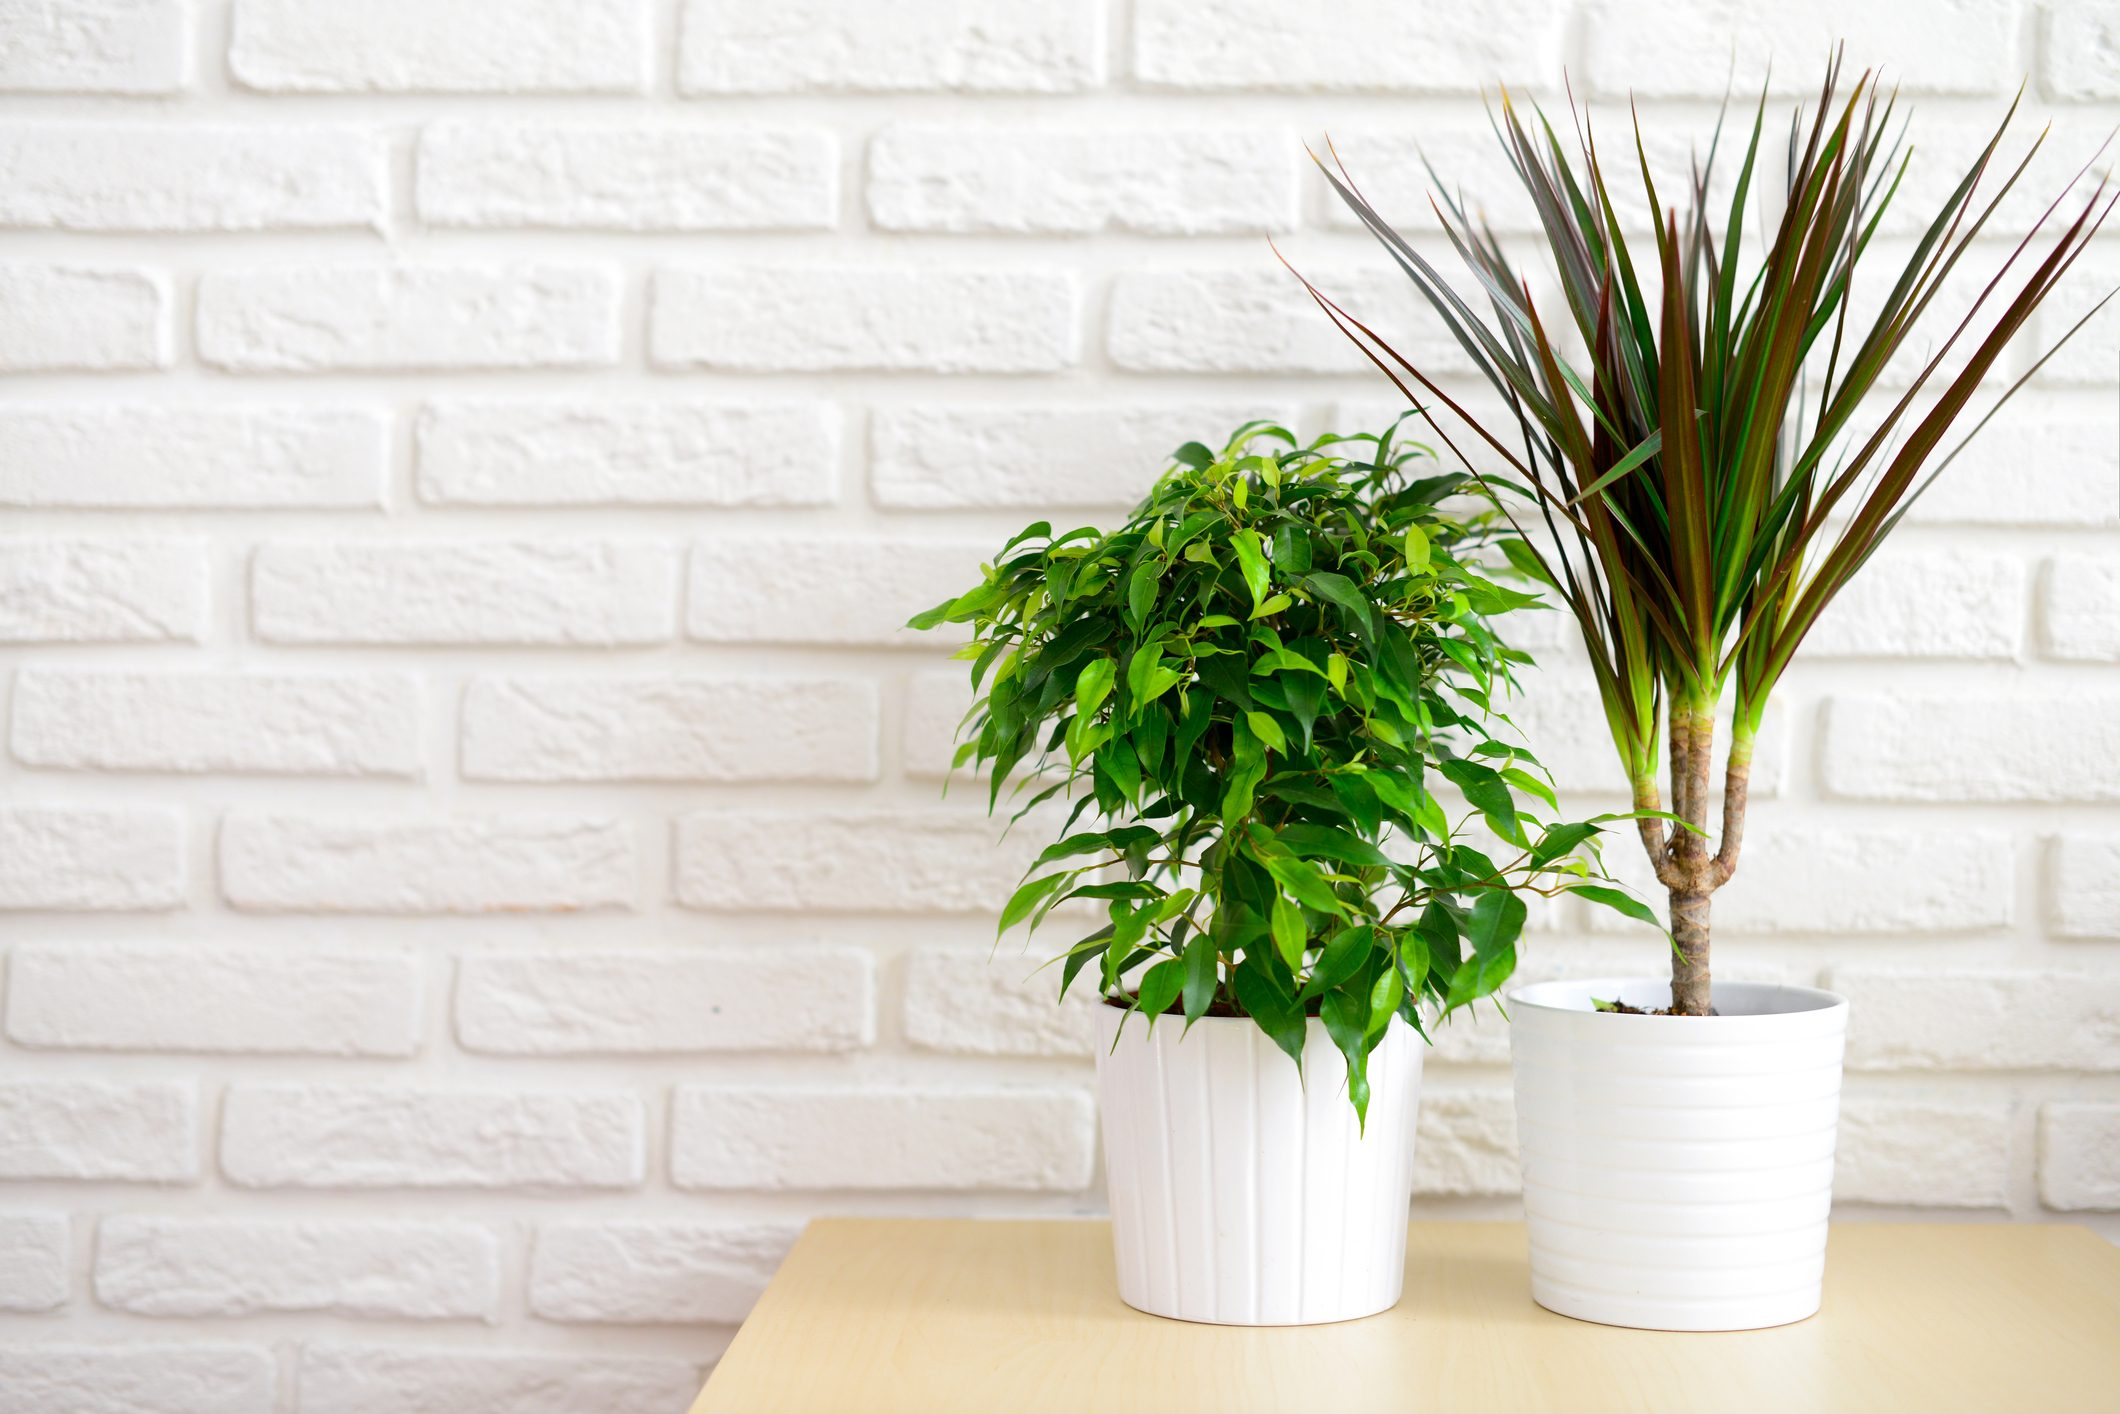 Piante Da Appartamento Per La Salute.Piante Antismog Da Appartamento Ottimo Rimedio Per Combattere Le